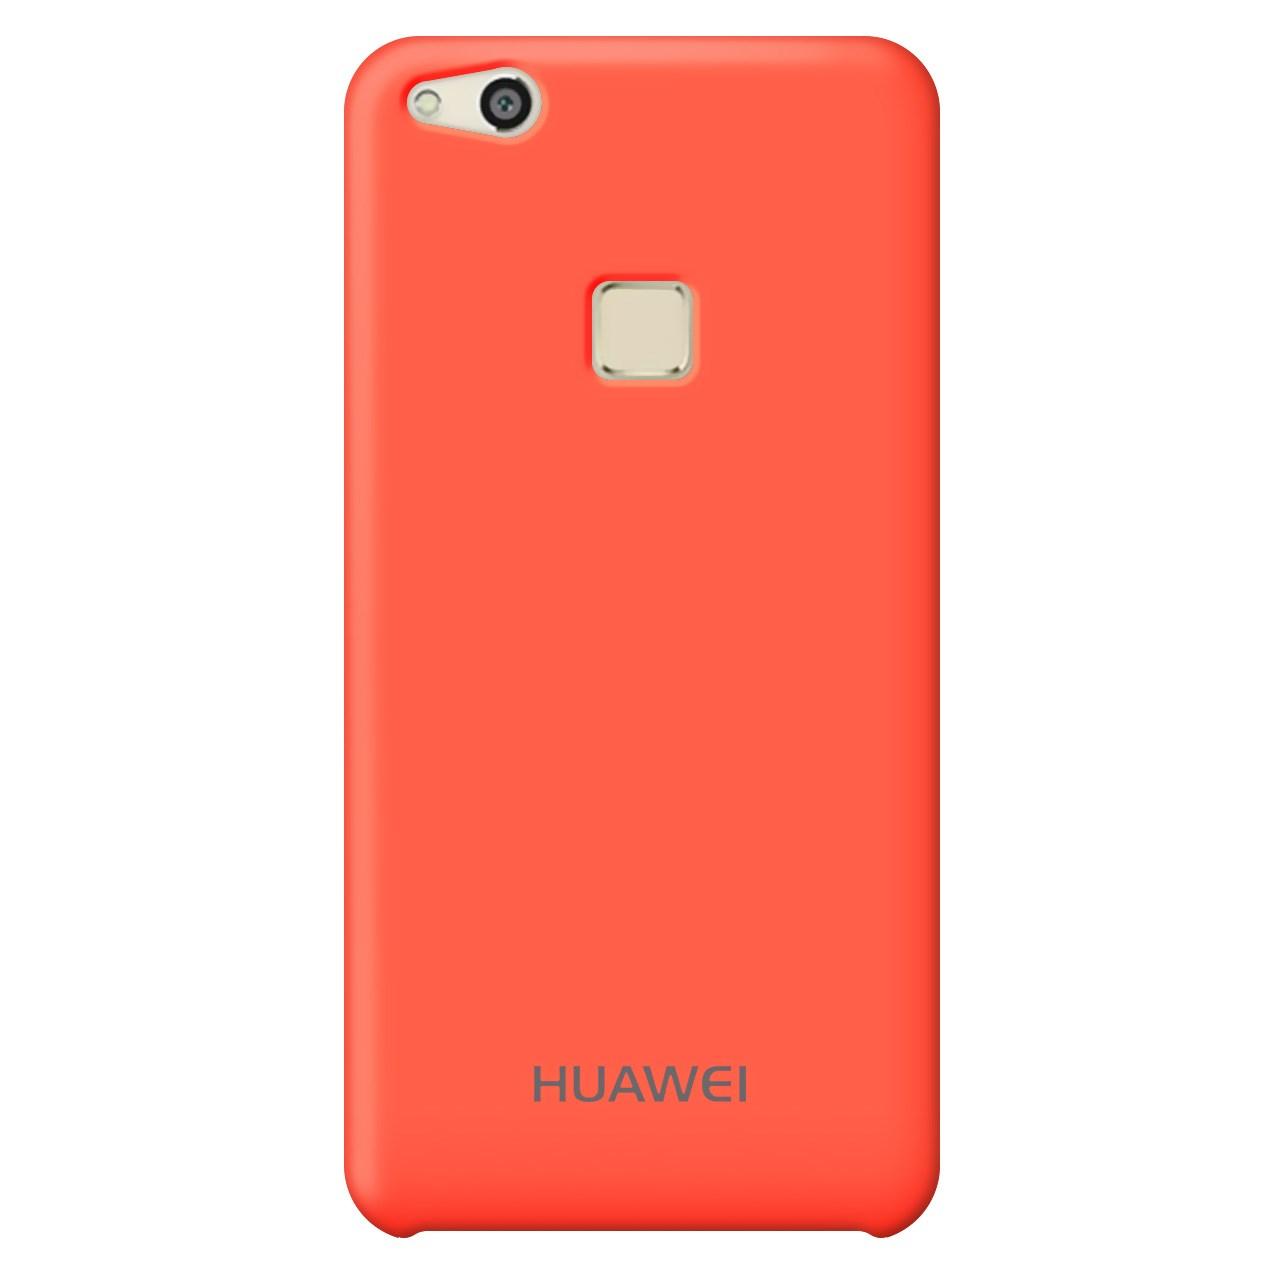 کاور  مدل SC-1 مناسب برای گوشی موبایل هوآوی P10 Lite/Nova Lite              ( قیمت و خرید)